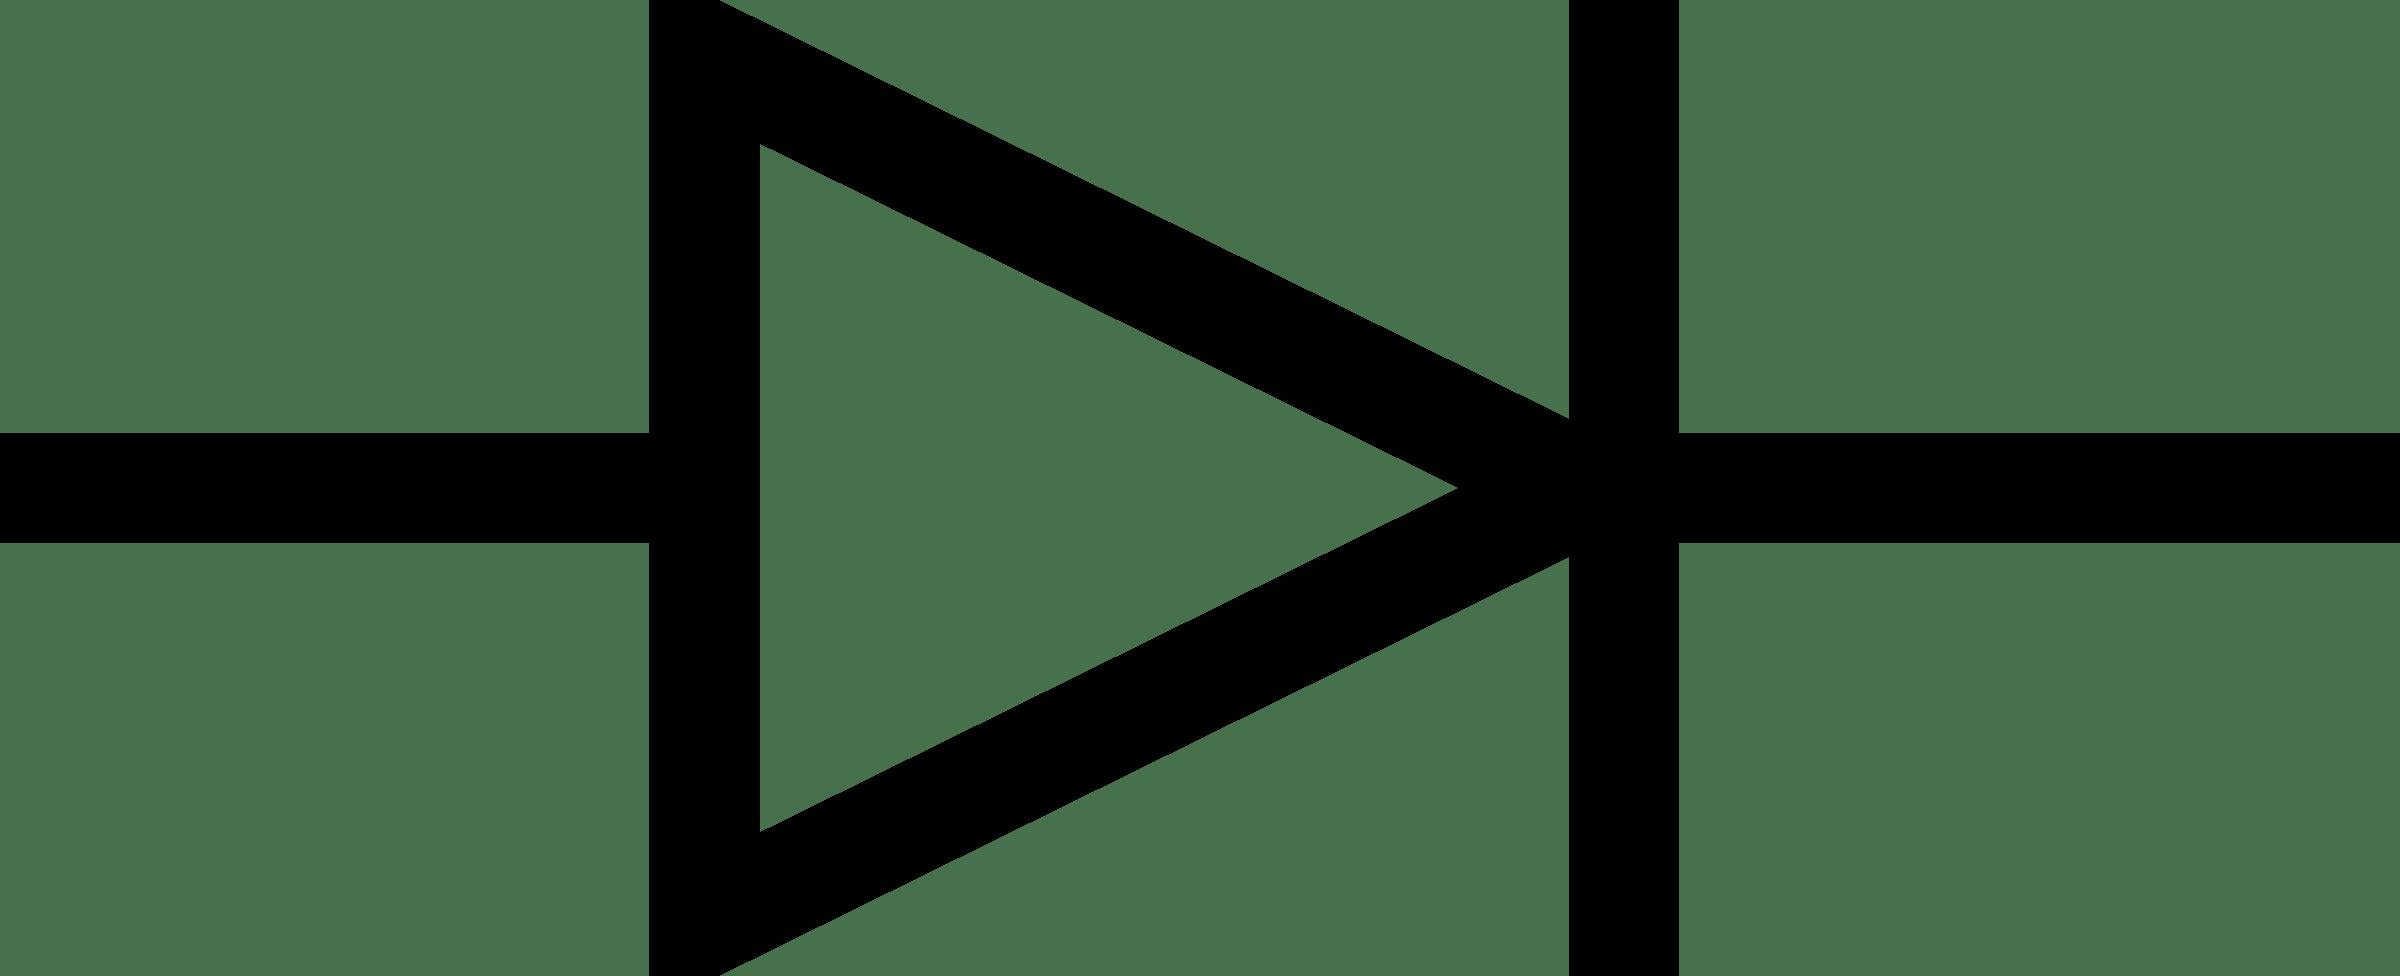 Clipart arrows word. Symbols beauteous iec diode